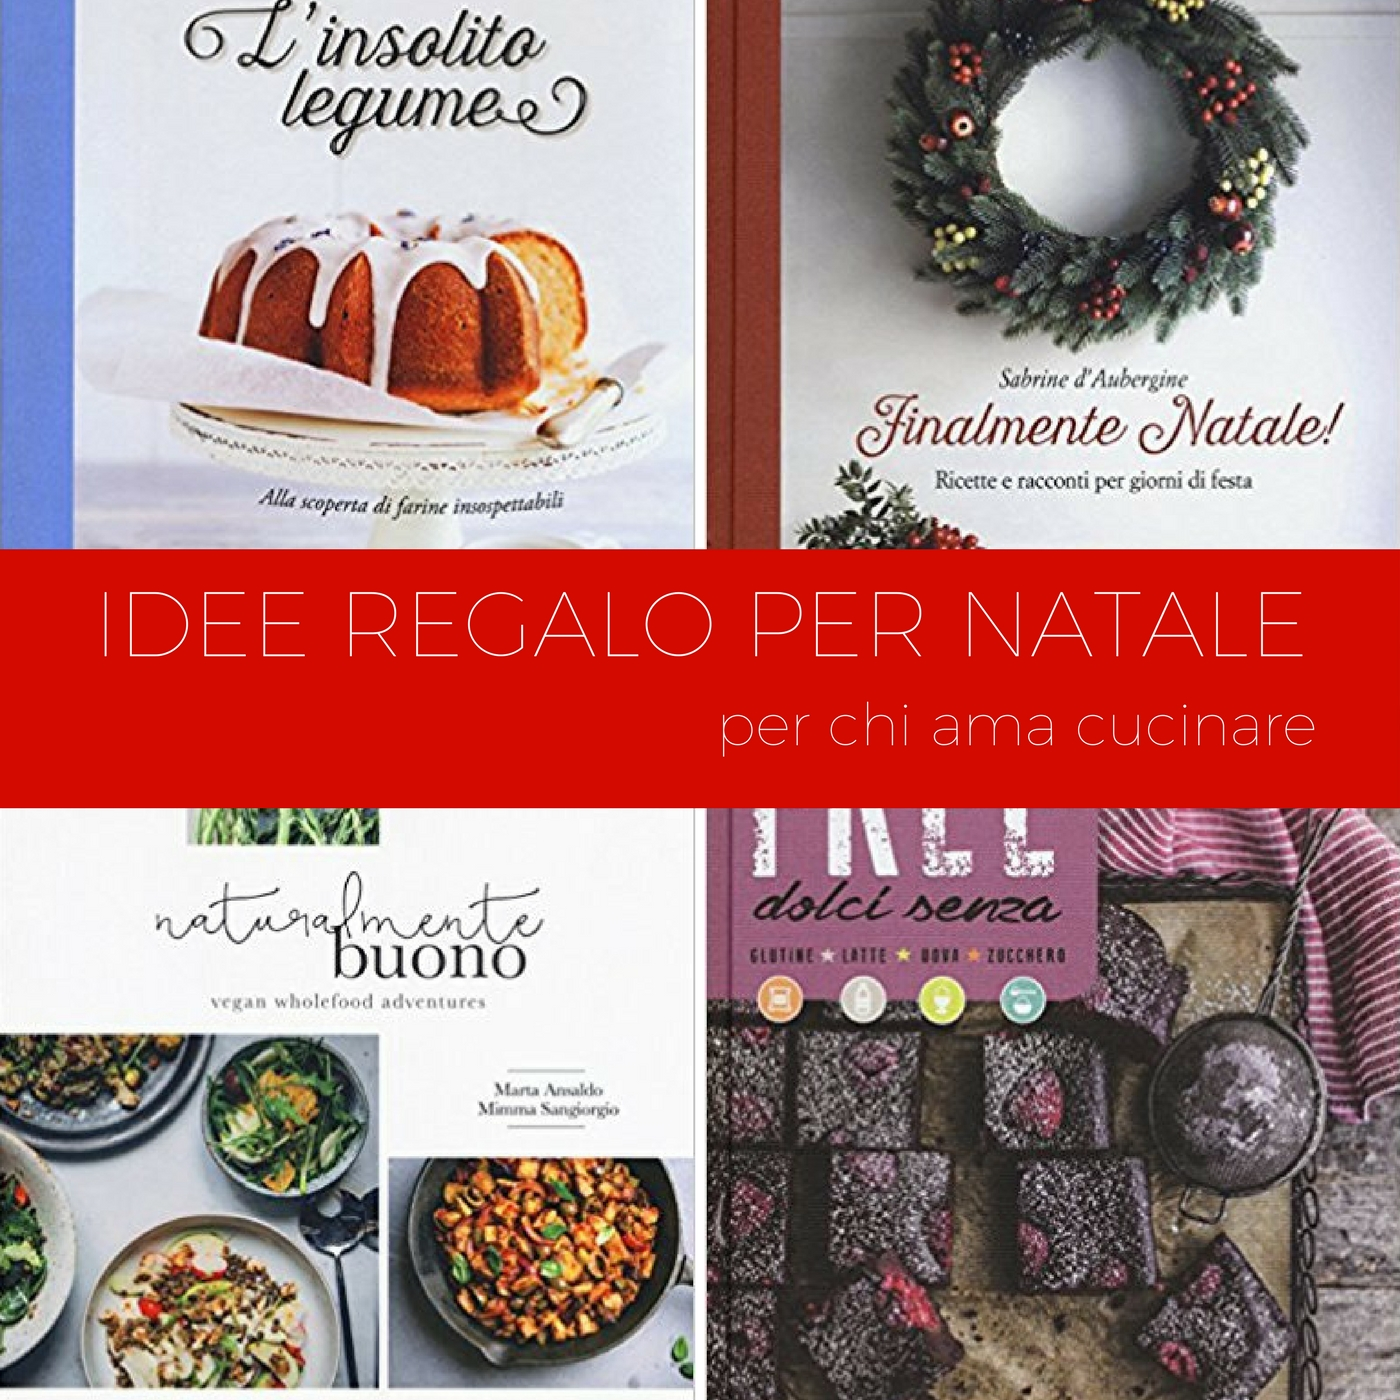 breakfast at lizzy\'s: Libri da regalare a Natale (per chi ama cucinare)